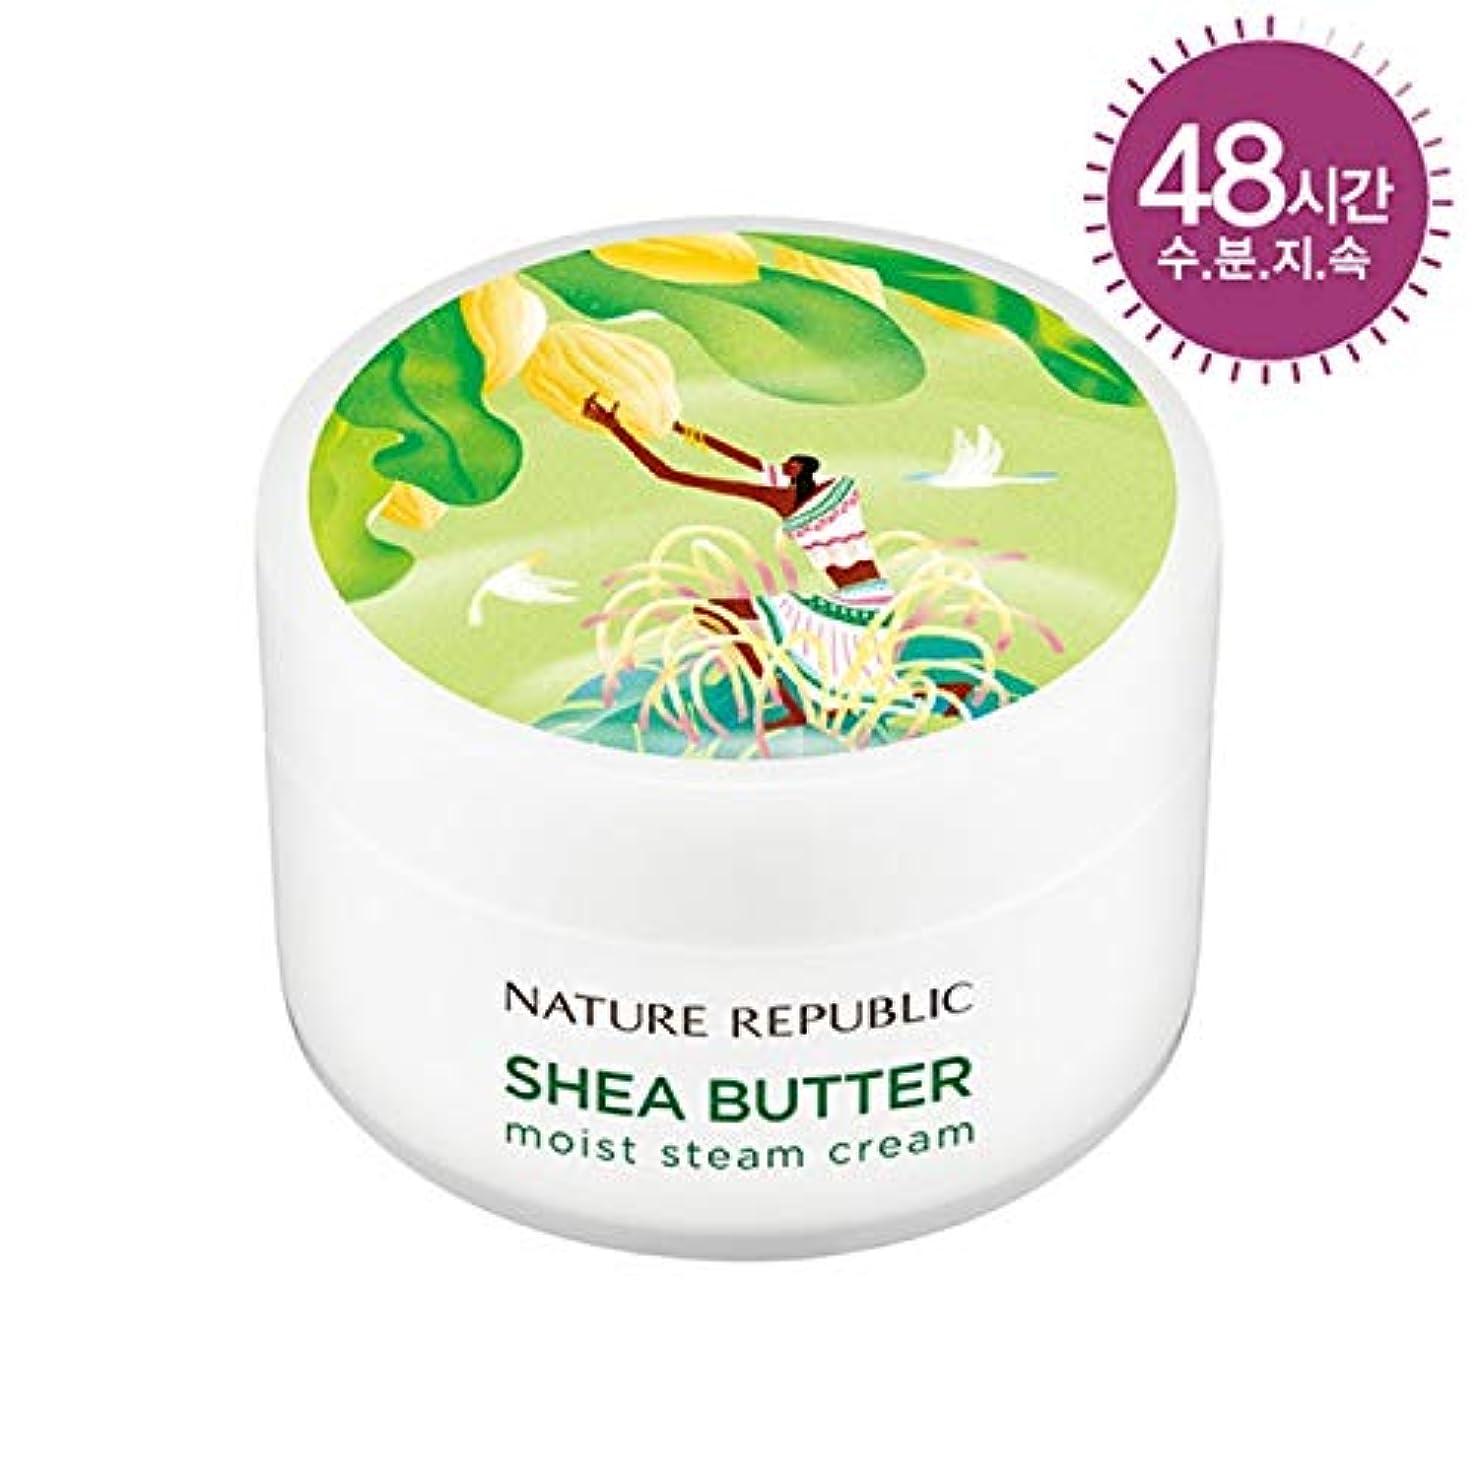 計算するアダルト指標ネイチャーリパブリック(Nature Republic)シェアバタースチームクリームモイスト[中乾燥肌] 100ml / Shea Butter Steam Cream 100ml (Moist) :: 韓国コスメ [並行輸入品]